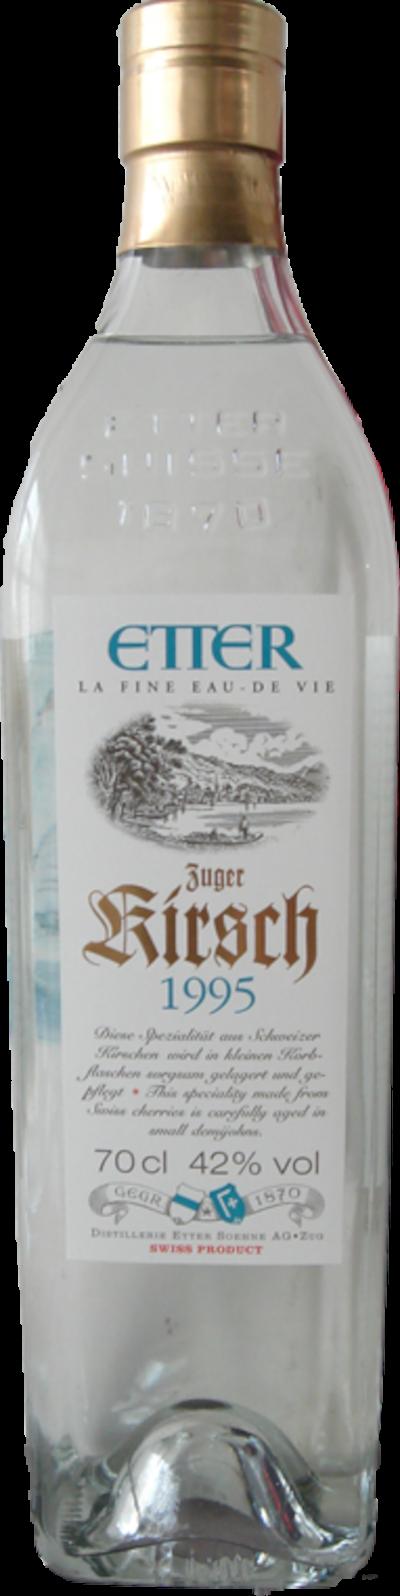 Etter - Alter Etter Zuger Kirsch, 1996